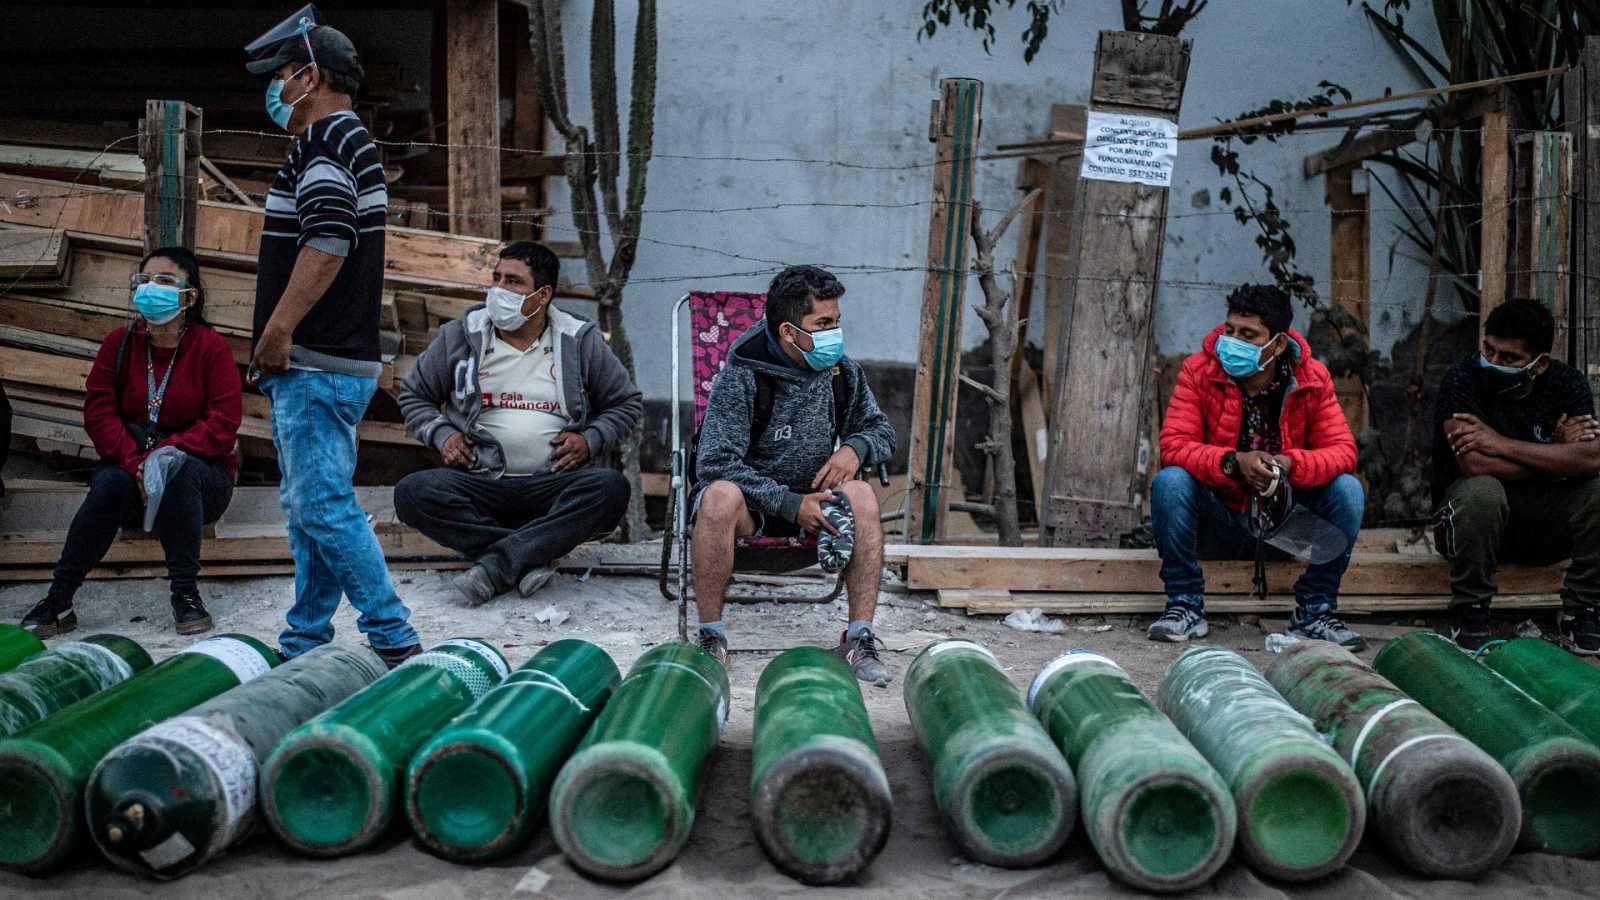 La crisis sanitaria agudiza la pobreza en Perú